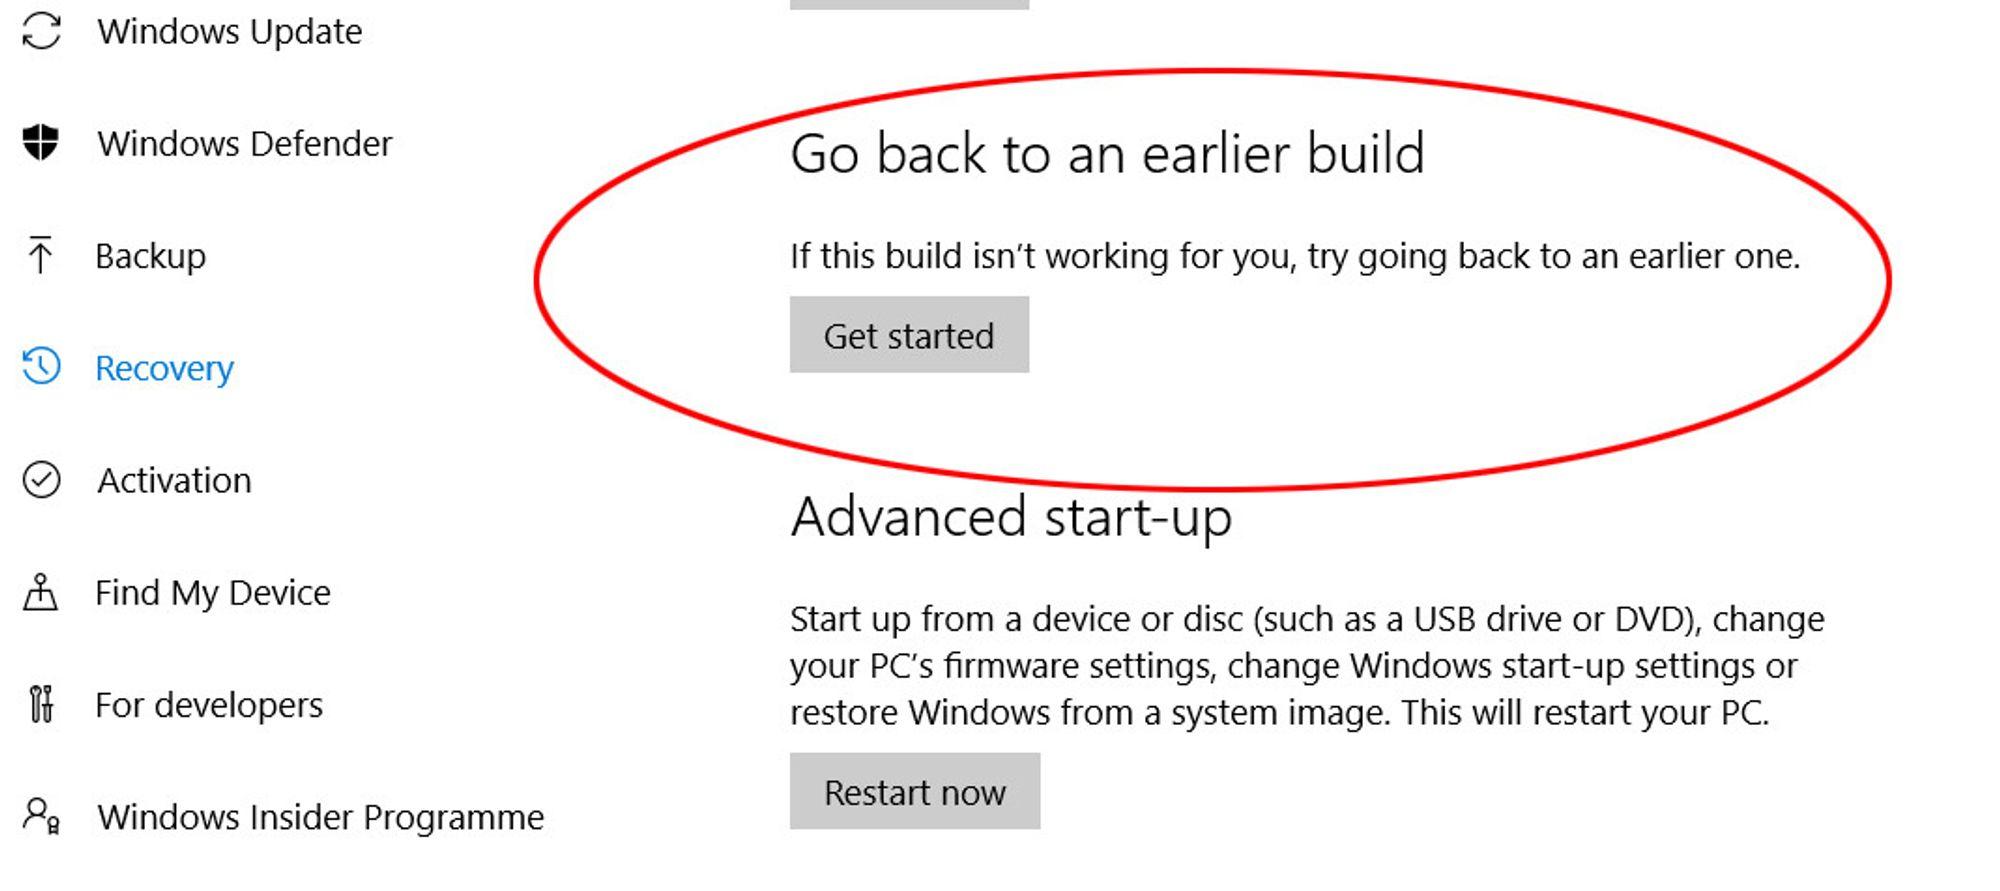 Herfra kan man rullet Windows 10 tilbake til en tidligere versjon, i engelskspråklige utgaver av Windows 10.